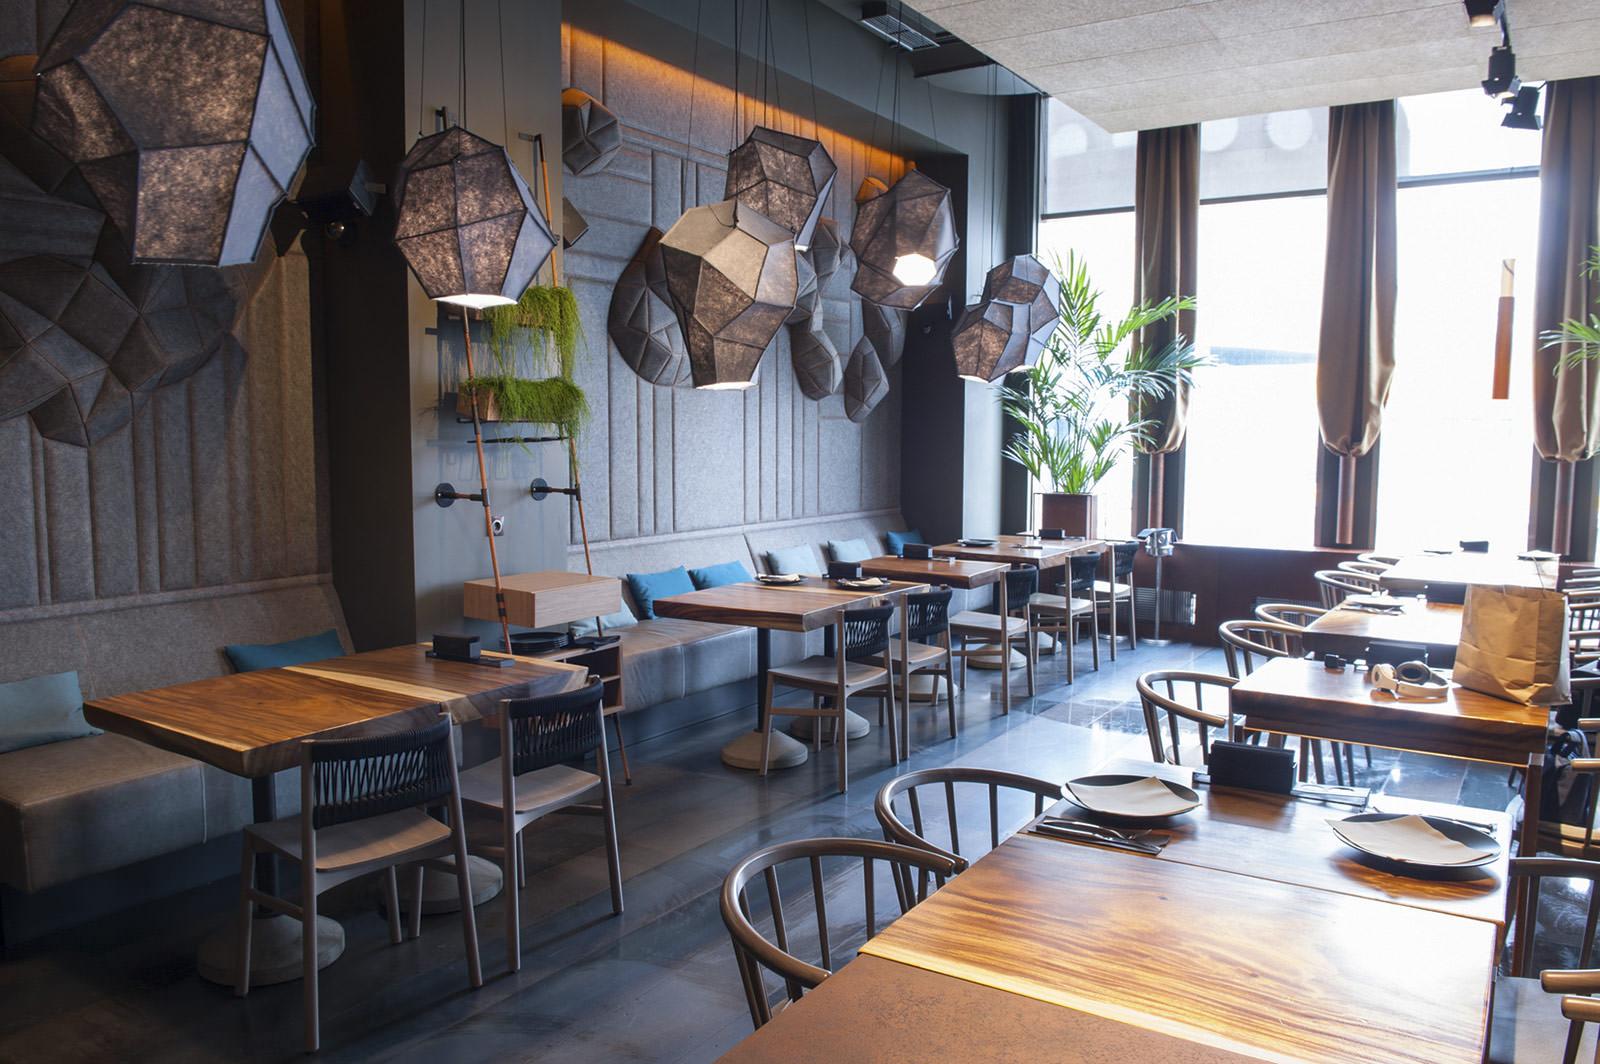 Innenarchitektur Brenner Düsseldorf brenner dipl ing für innenarchitektur moderatorin